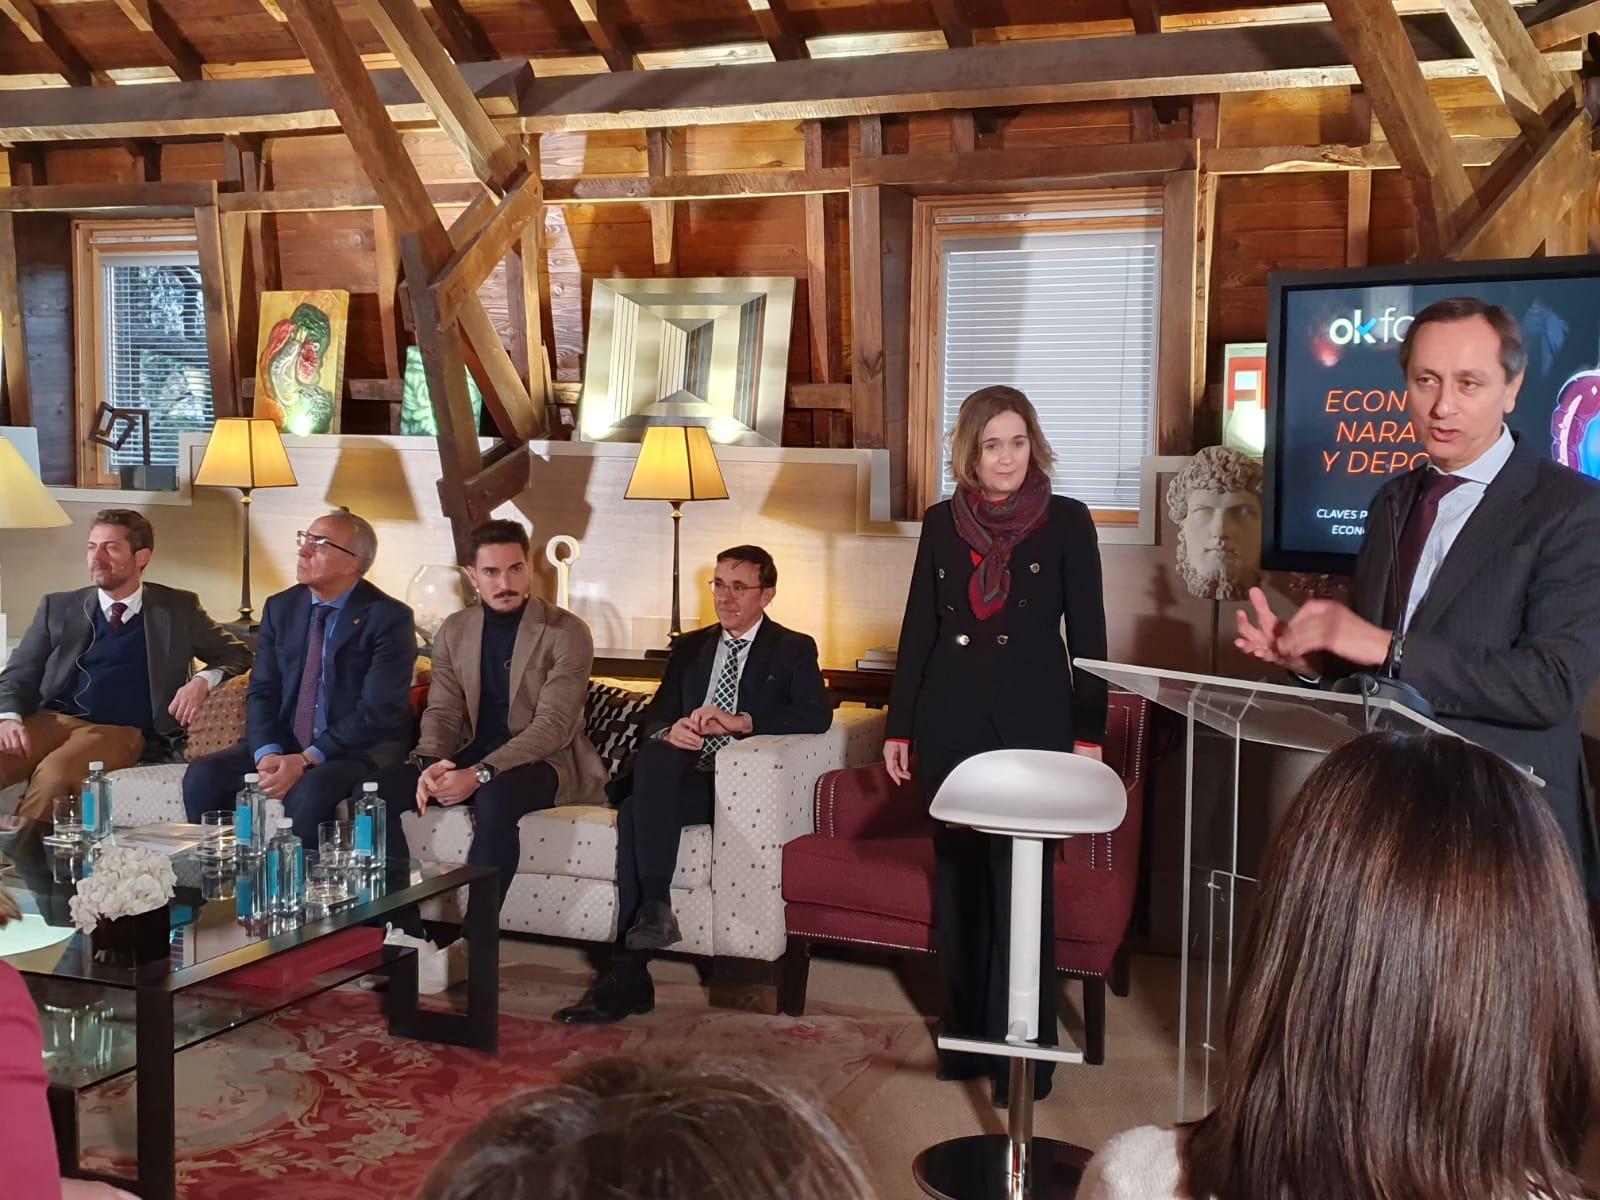 José Hidalgo, presidente de ADESP, participa en el foro de okdiario que habla sobre